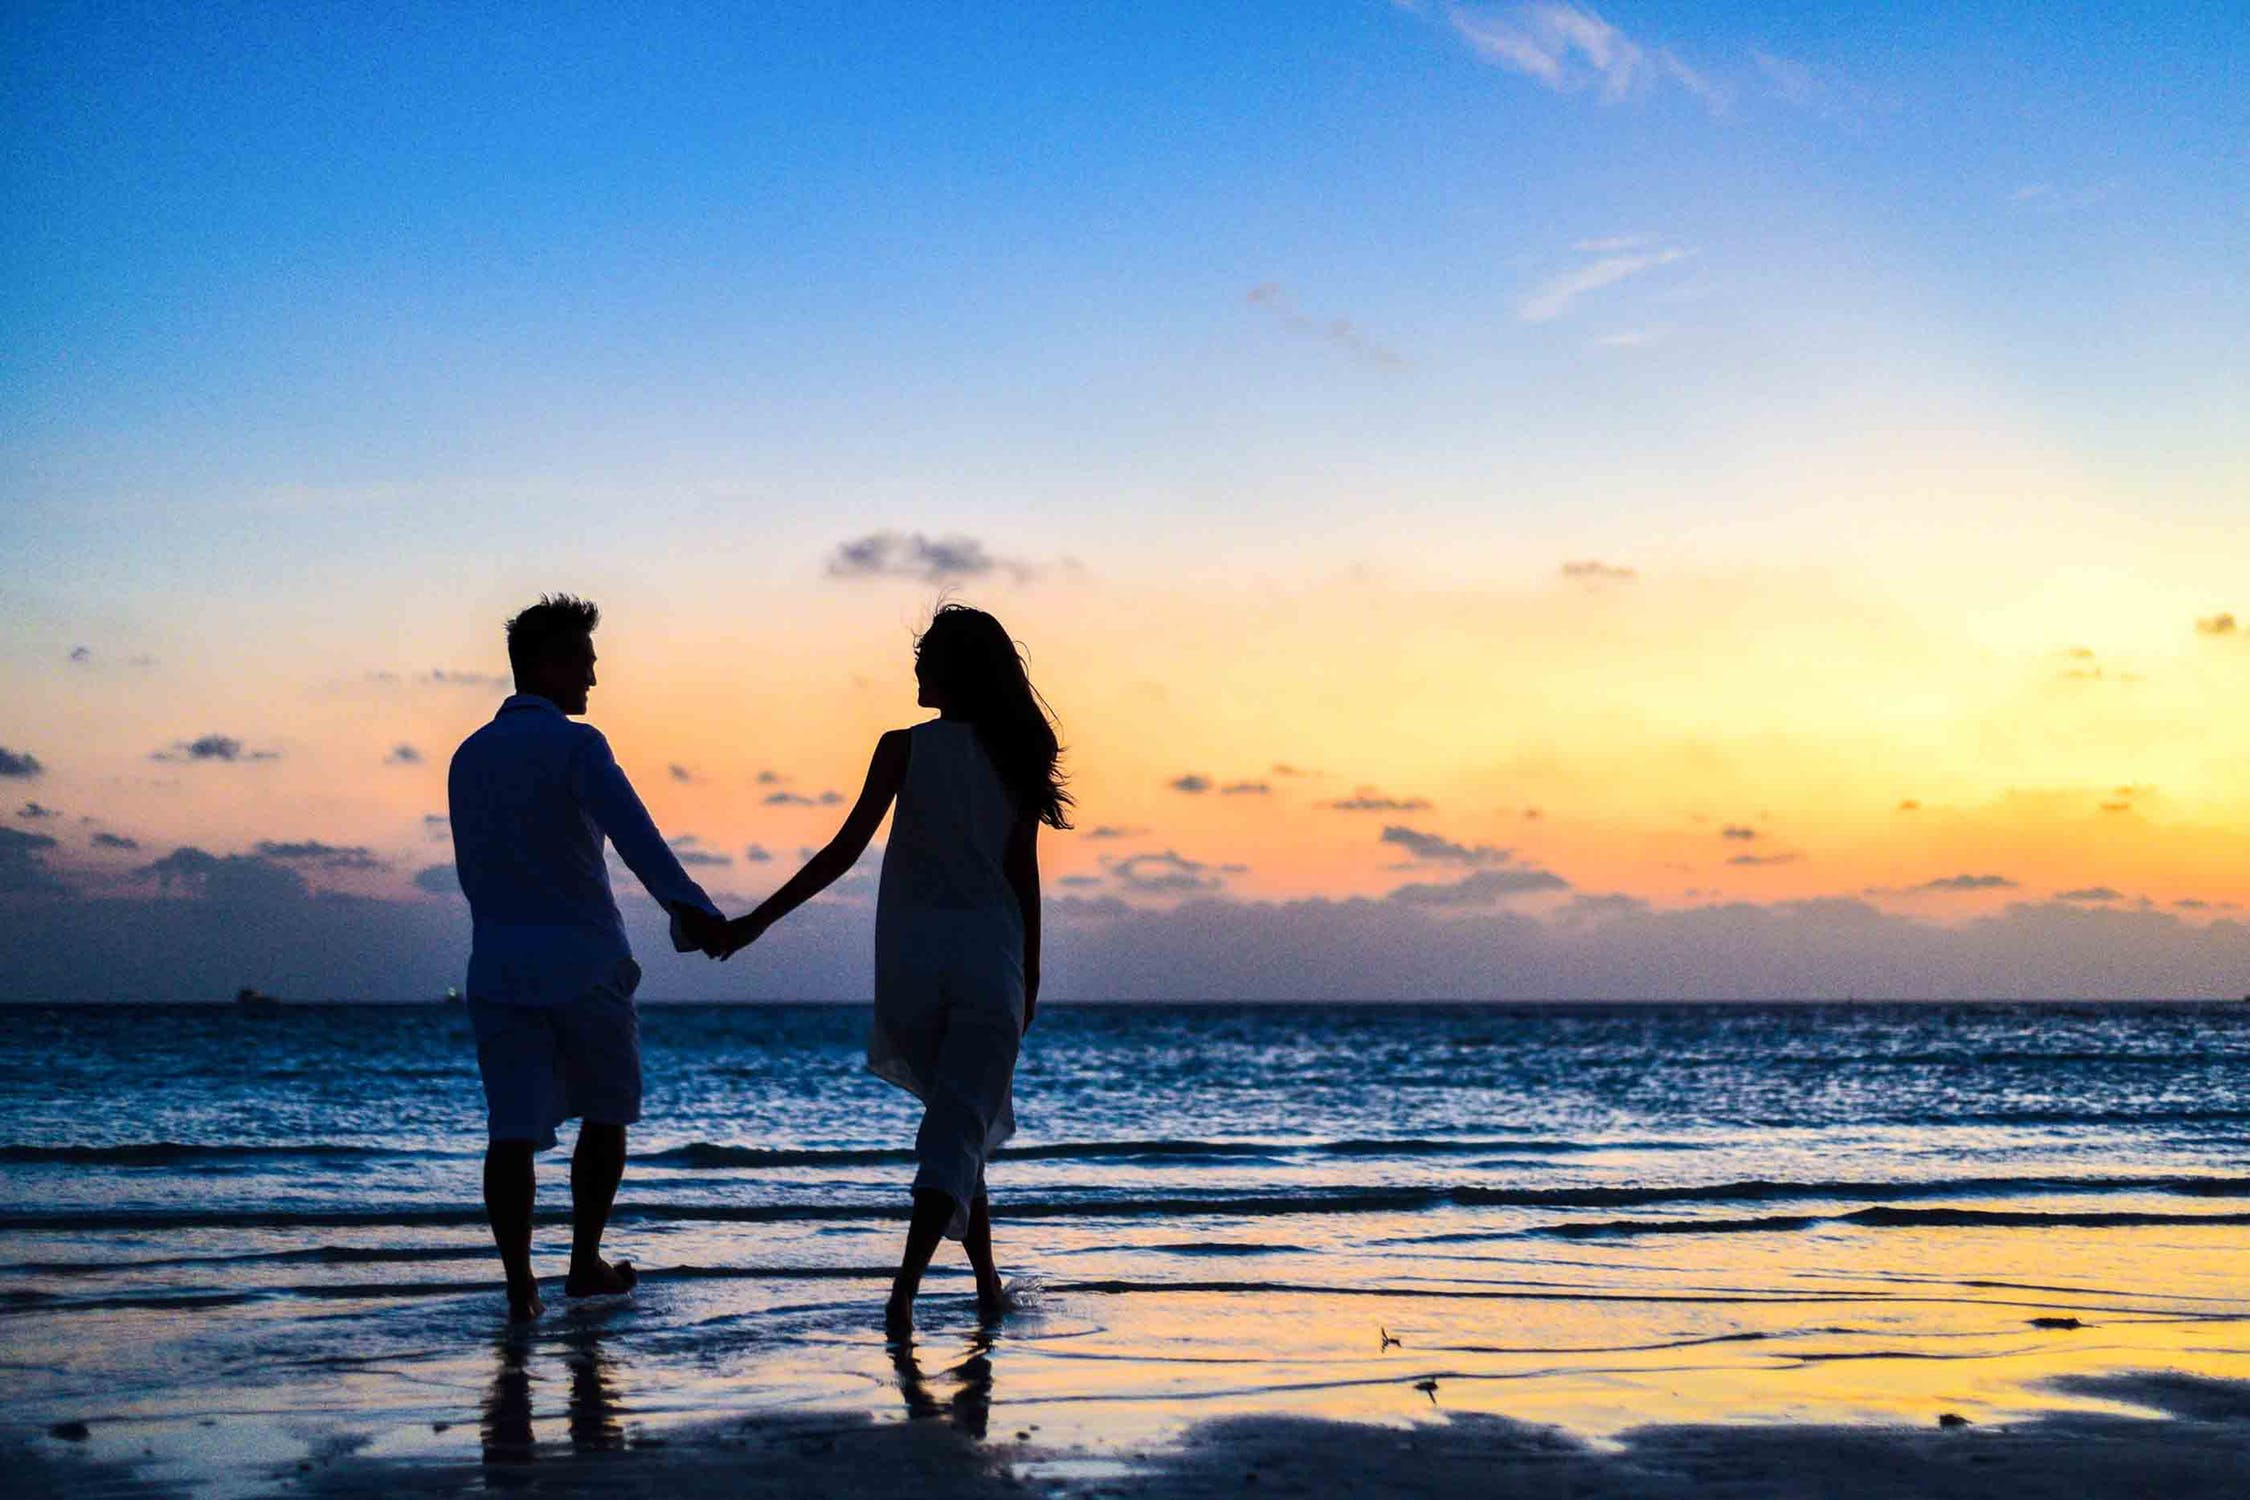 महिला आणि पुरुष यांच्यावर मेसेजचा परिणाम हा वेगवेगळ्या पद्धतीने होत असतो. जेव्हा पुरुष त्यांच्या  नात्याबद्दल संतुष्ट नसतात तेव्हा ते आपल्या पार्टनरला मेसेज करतात. तर महिला या नात्यात आलेल्या समस्या संपवण्यासाठी आणि पार्टनरला मनवण्यासाठी मेसेज करतात.